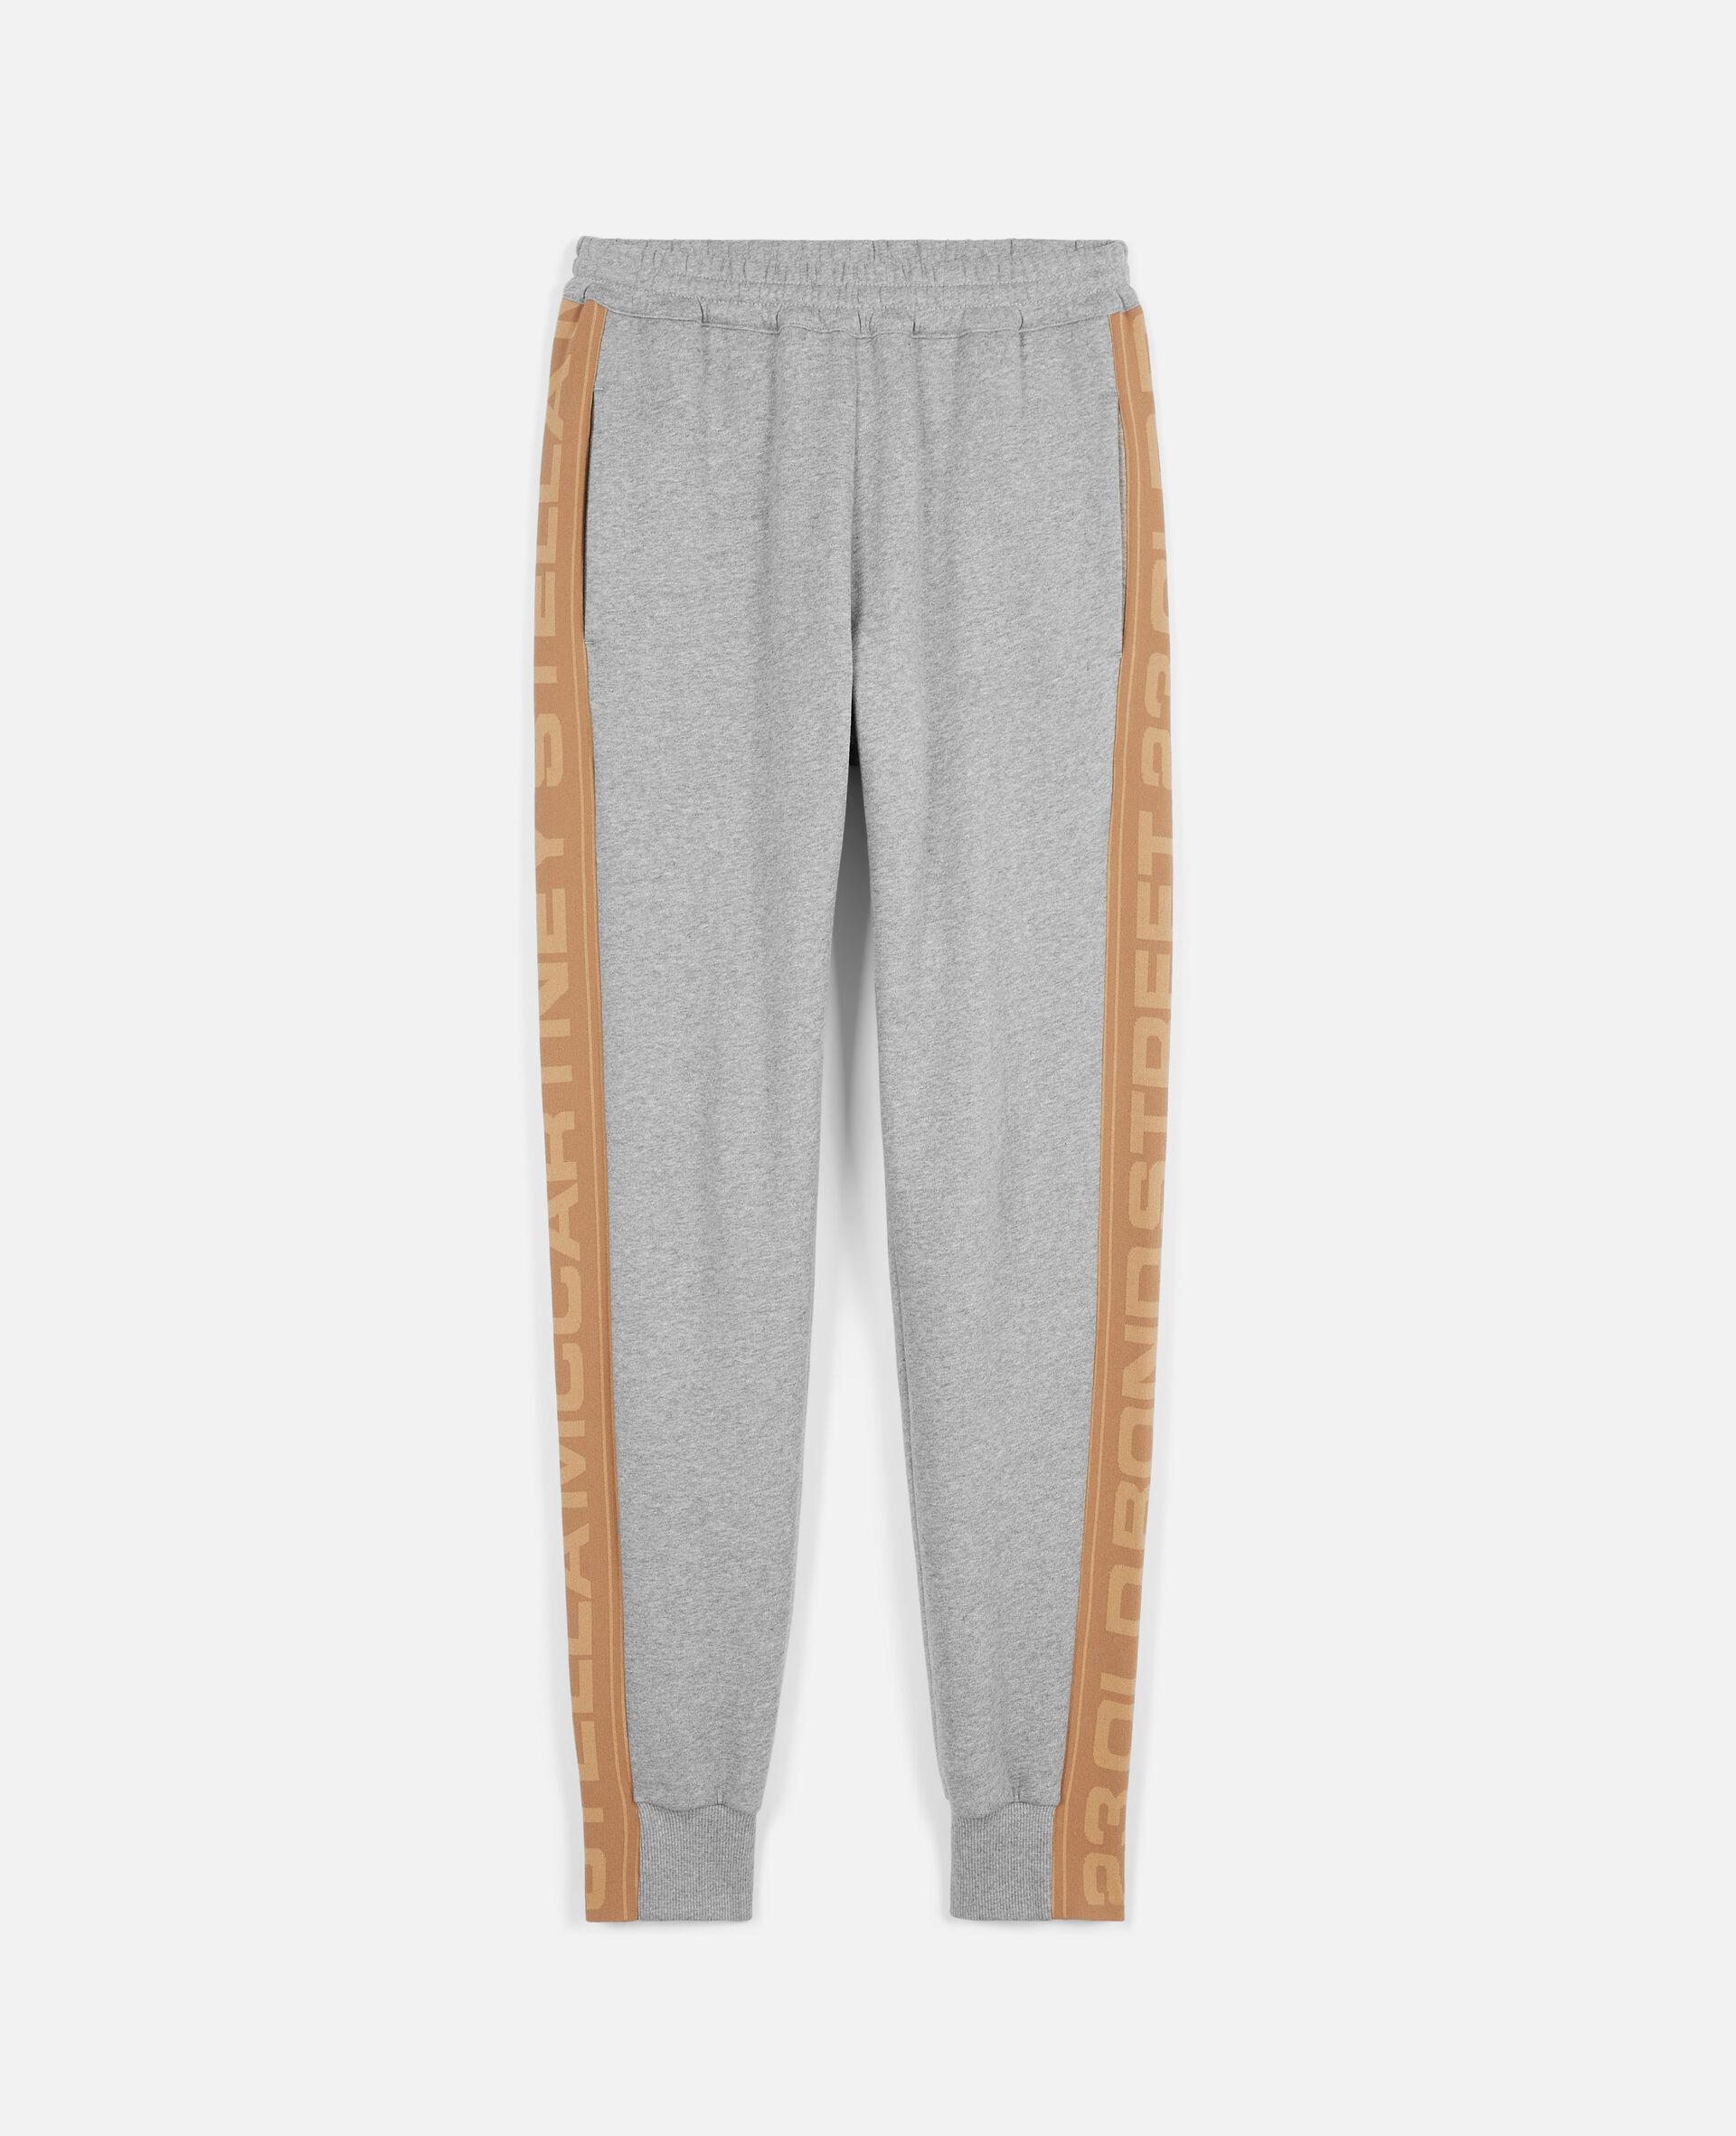 Pantalon 23 OBS en maille -Gris-large image number 0